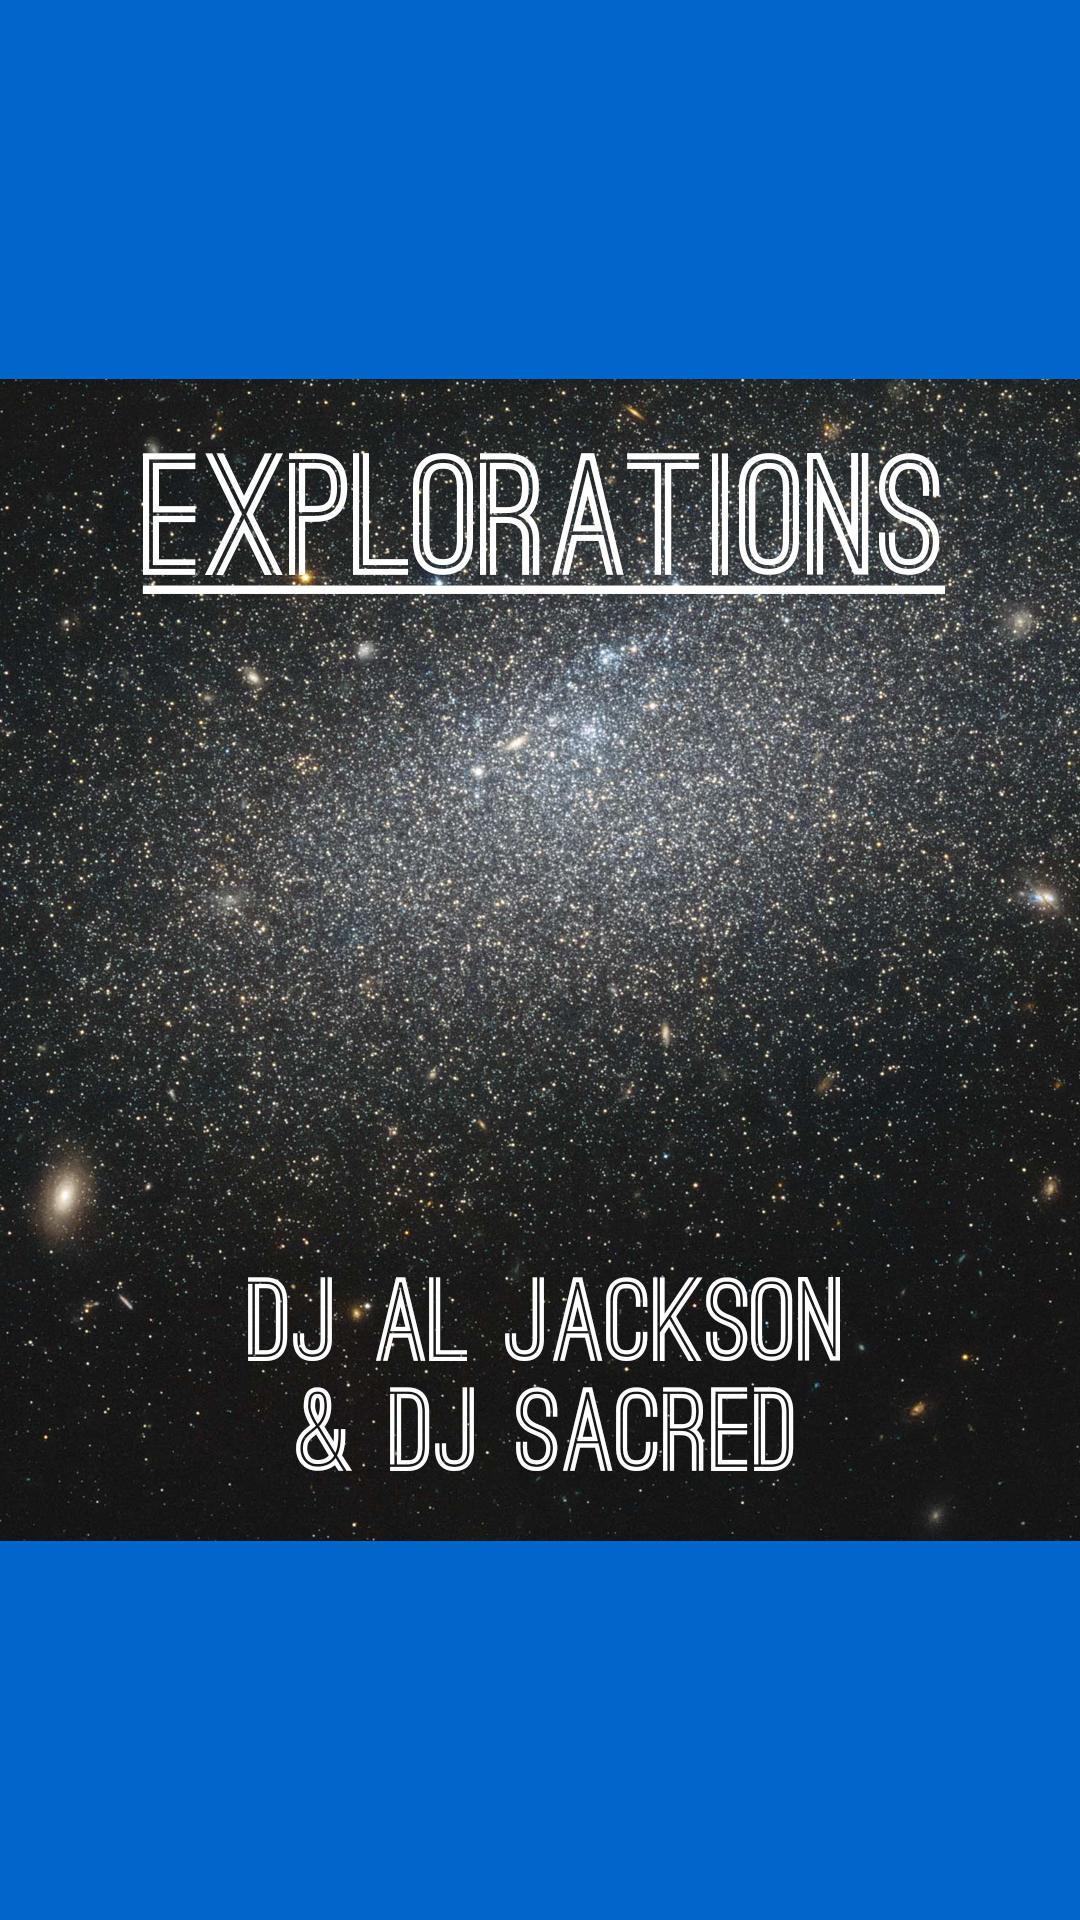 DJ Al Jackson & DJ Sacred